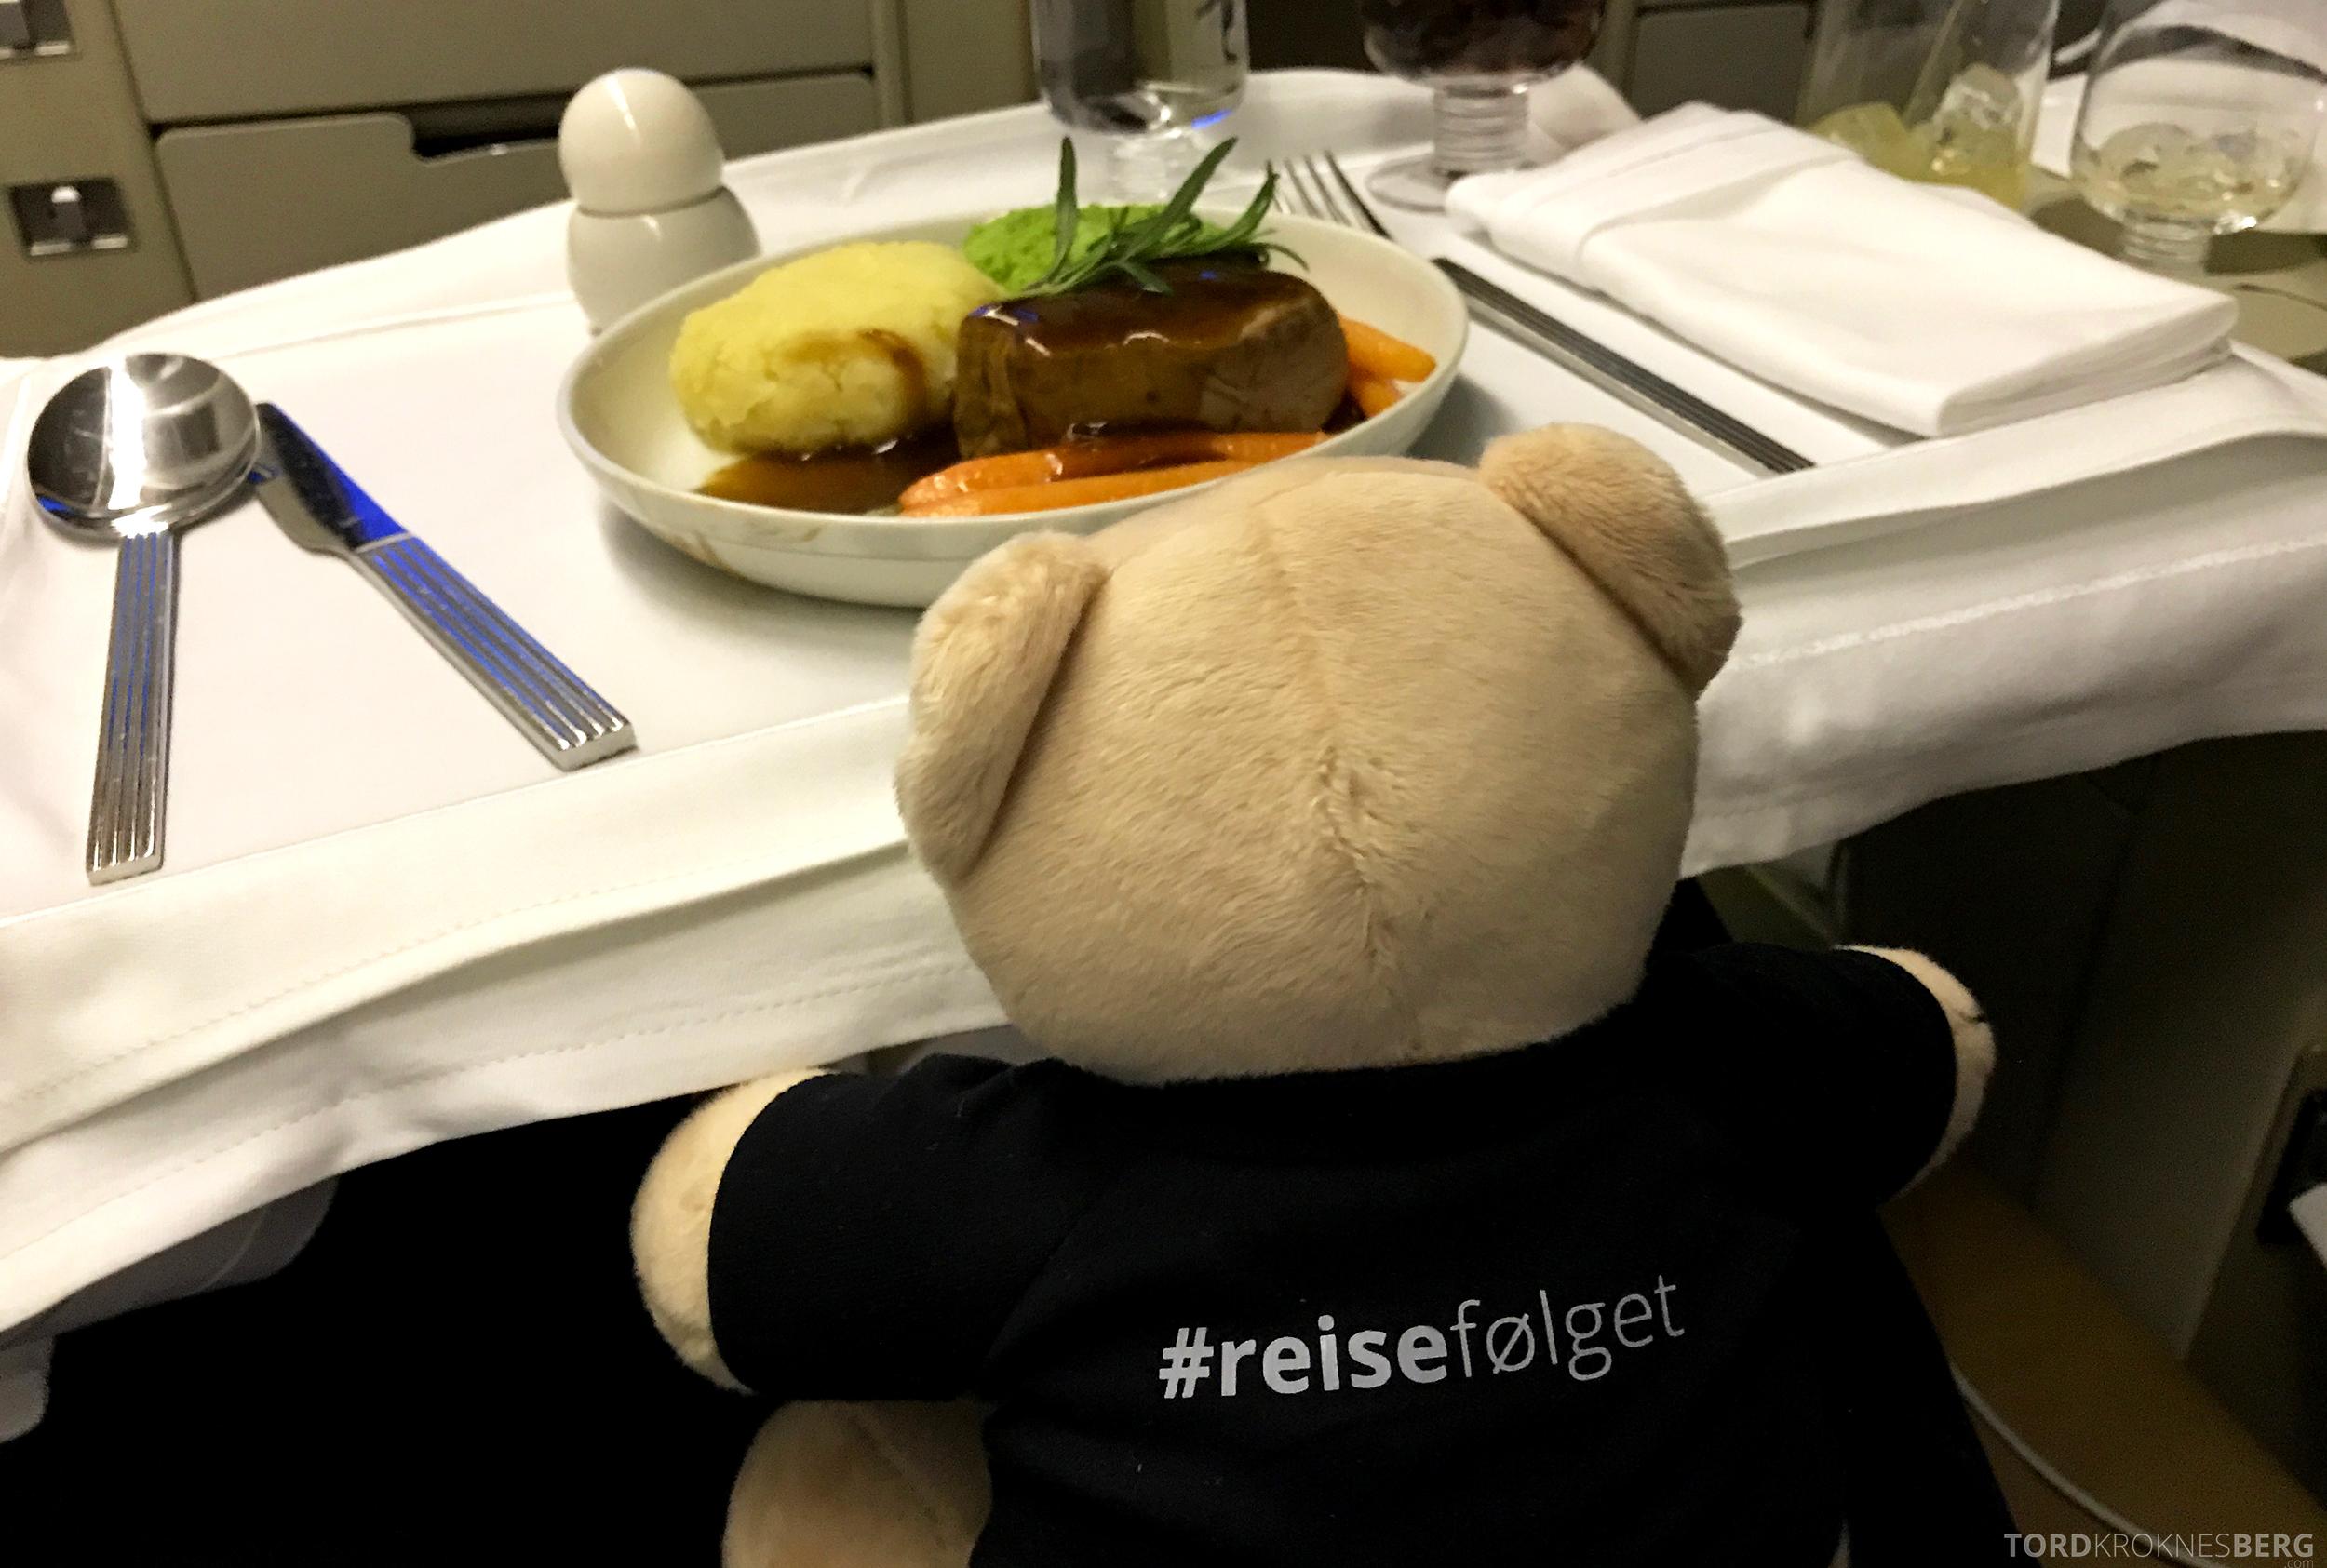 Singapore Airlines Business Class Canberra reisefølget mat